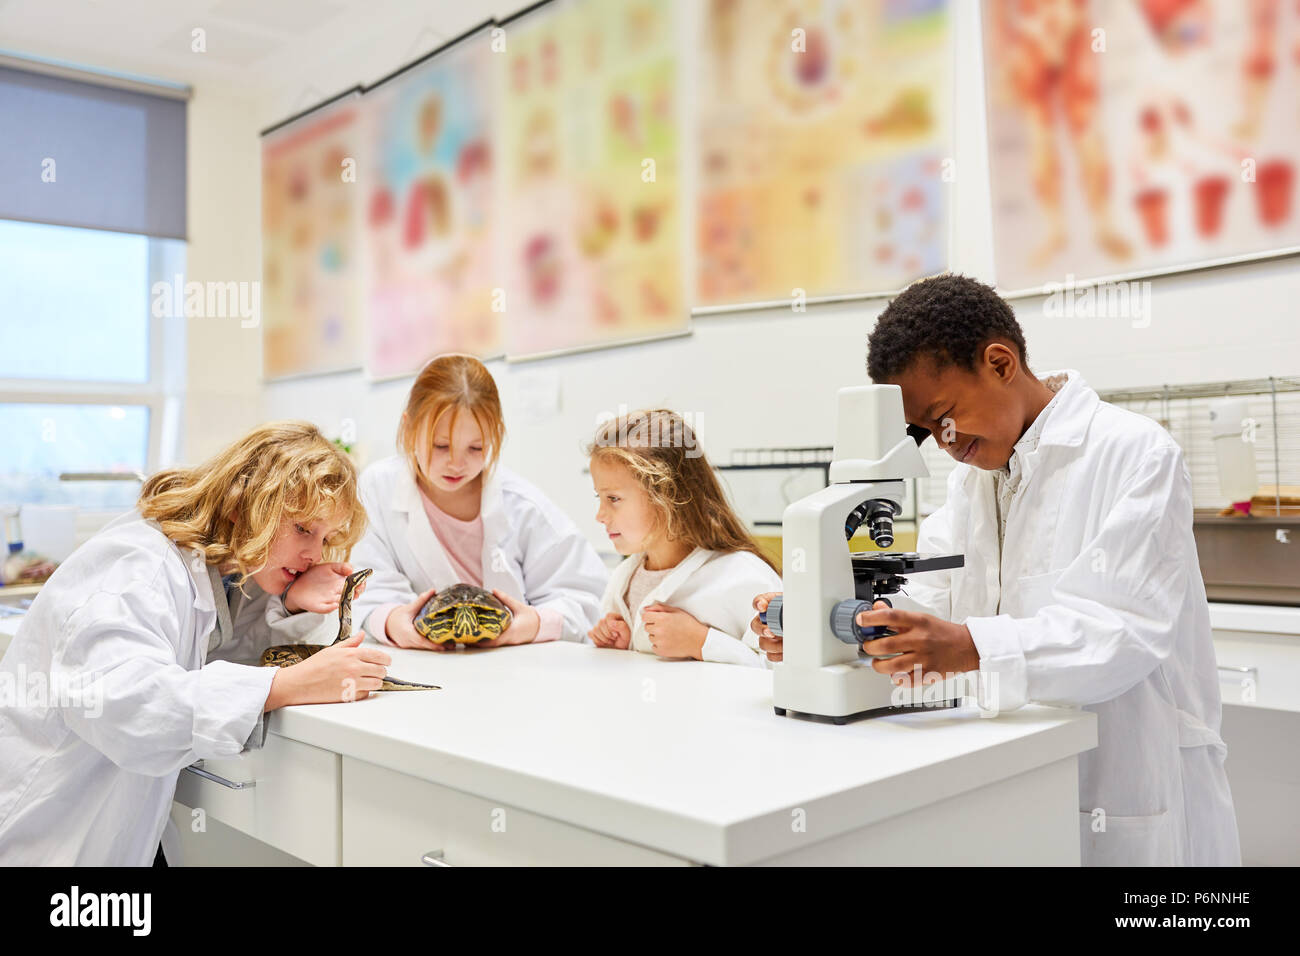 Kinder der biologie klasse arbeiten mit tieren und einem mikroskop